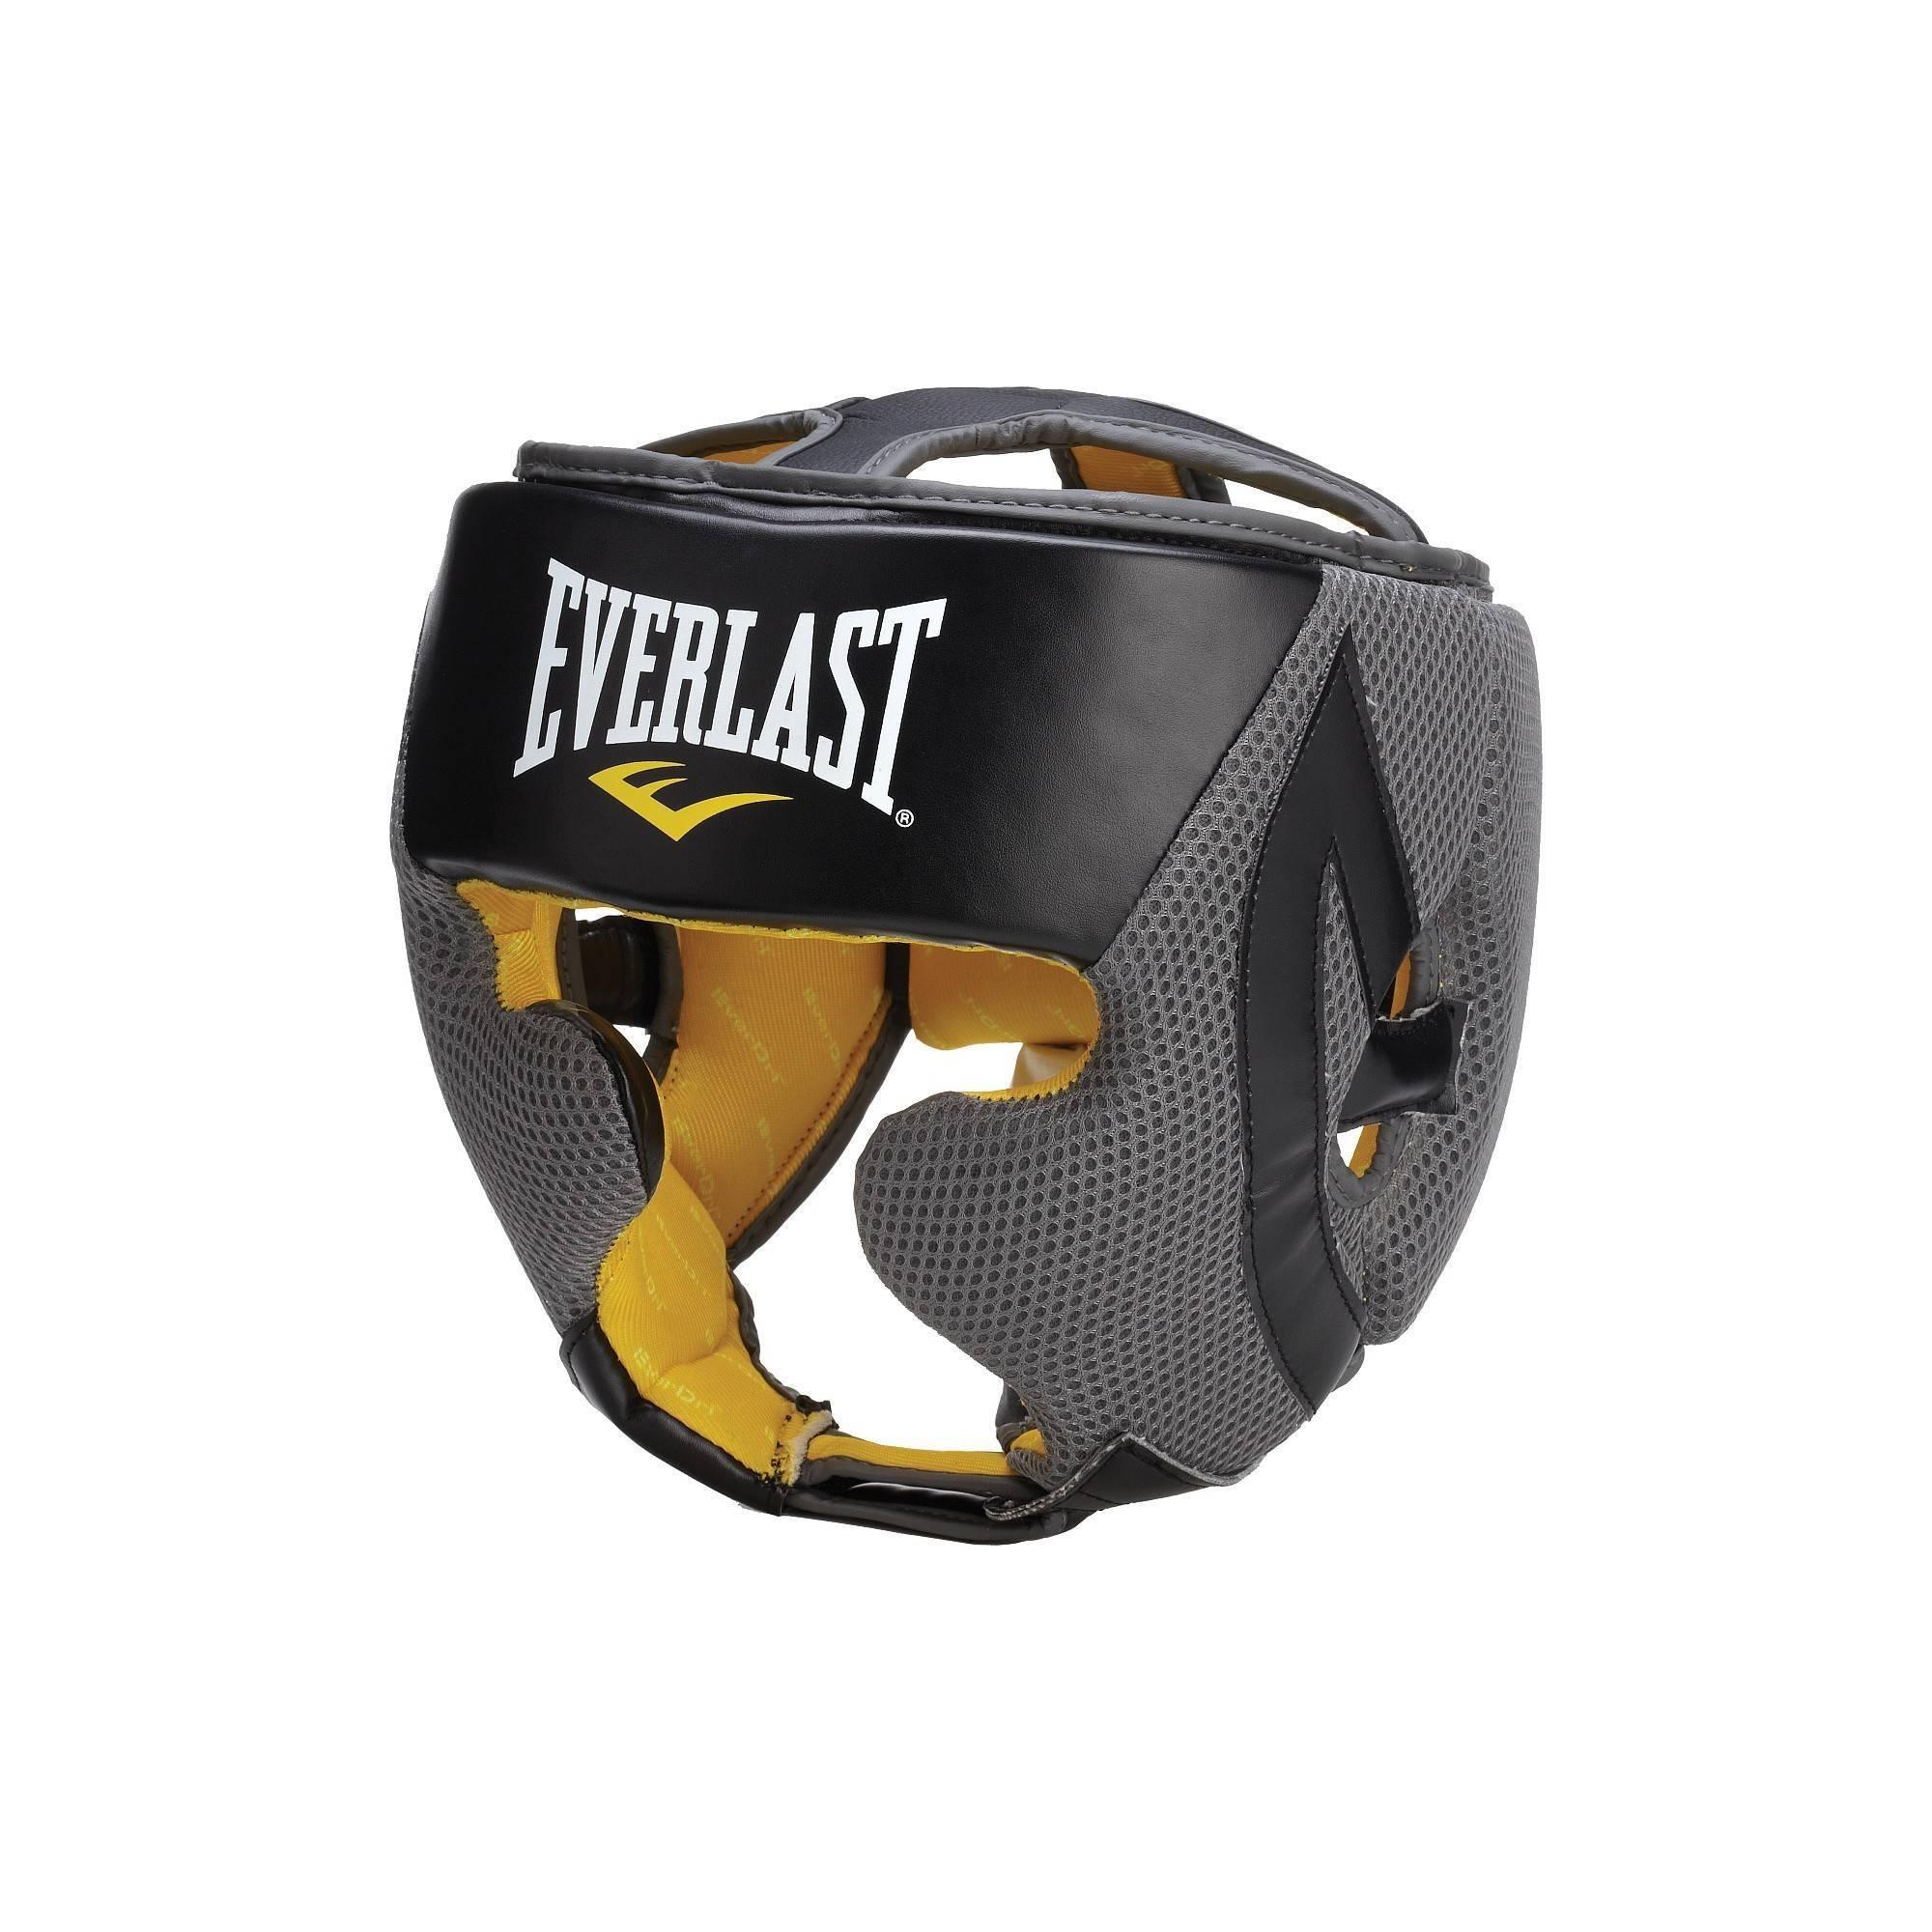 Kask bokserski treningowy EVERLAST EVERCOOL EVH4044 level III,producent: EVERLAST, photo: 1